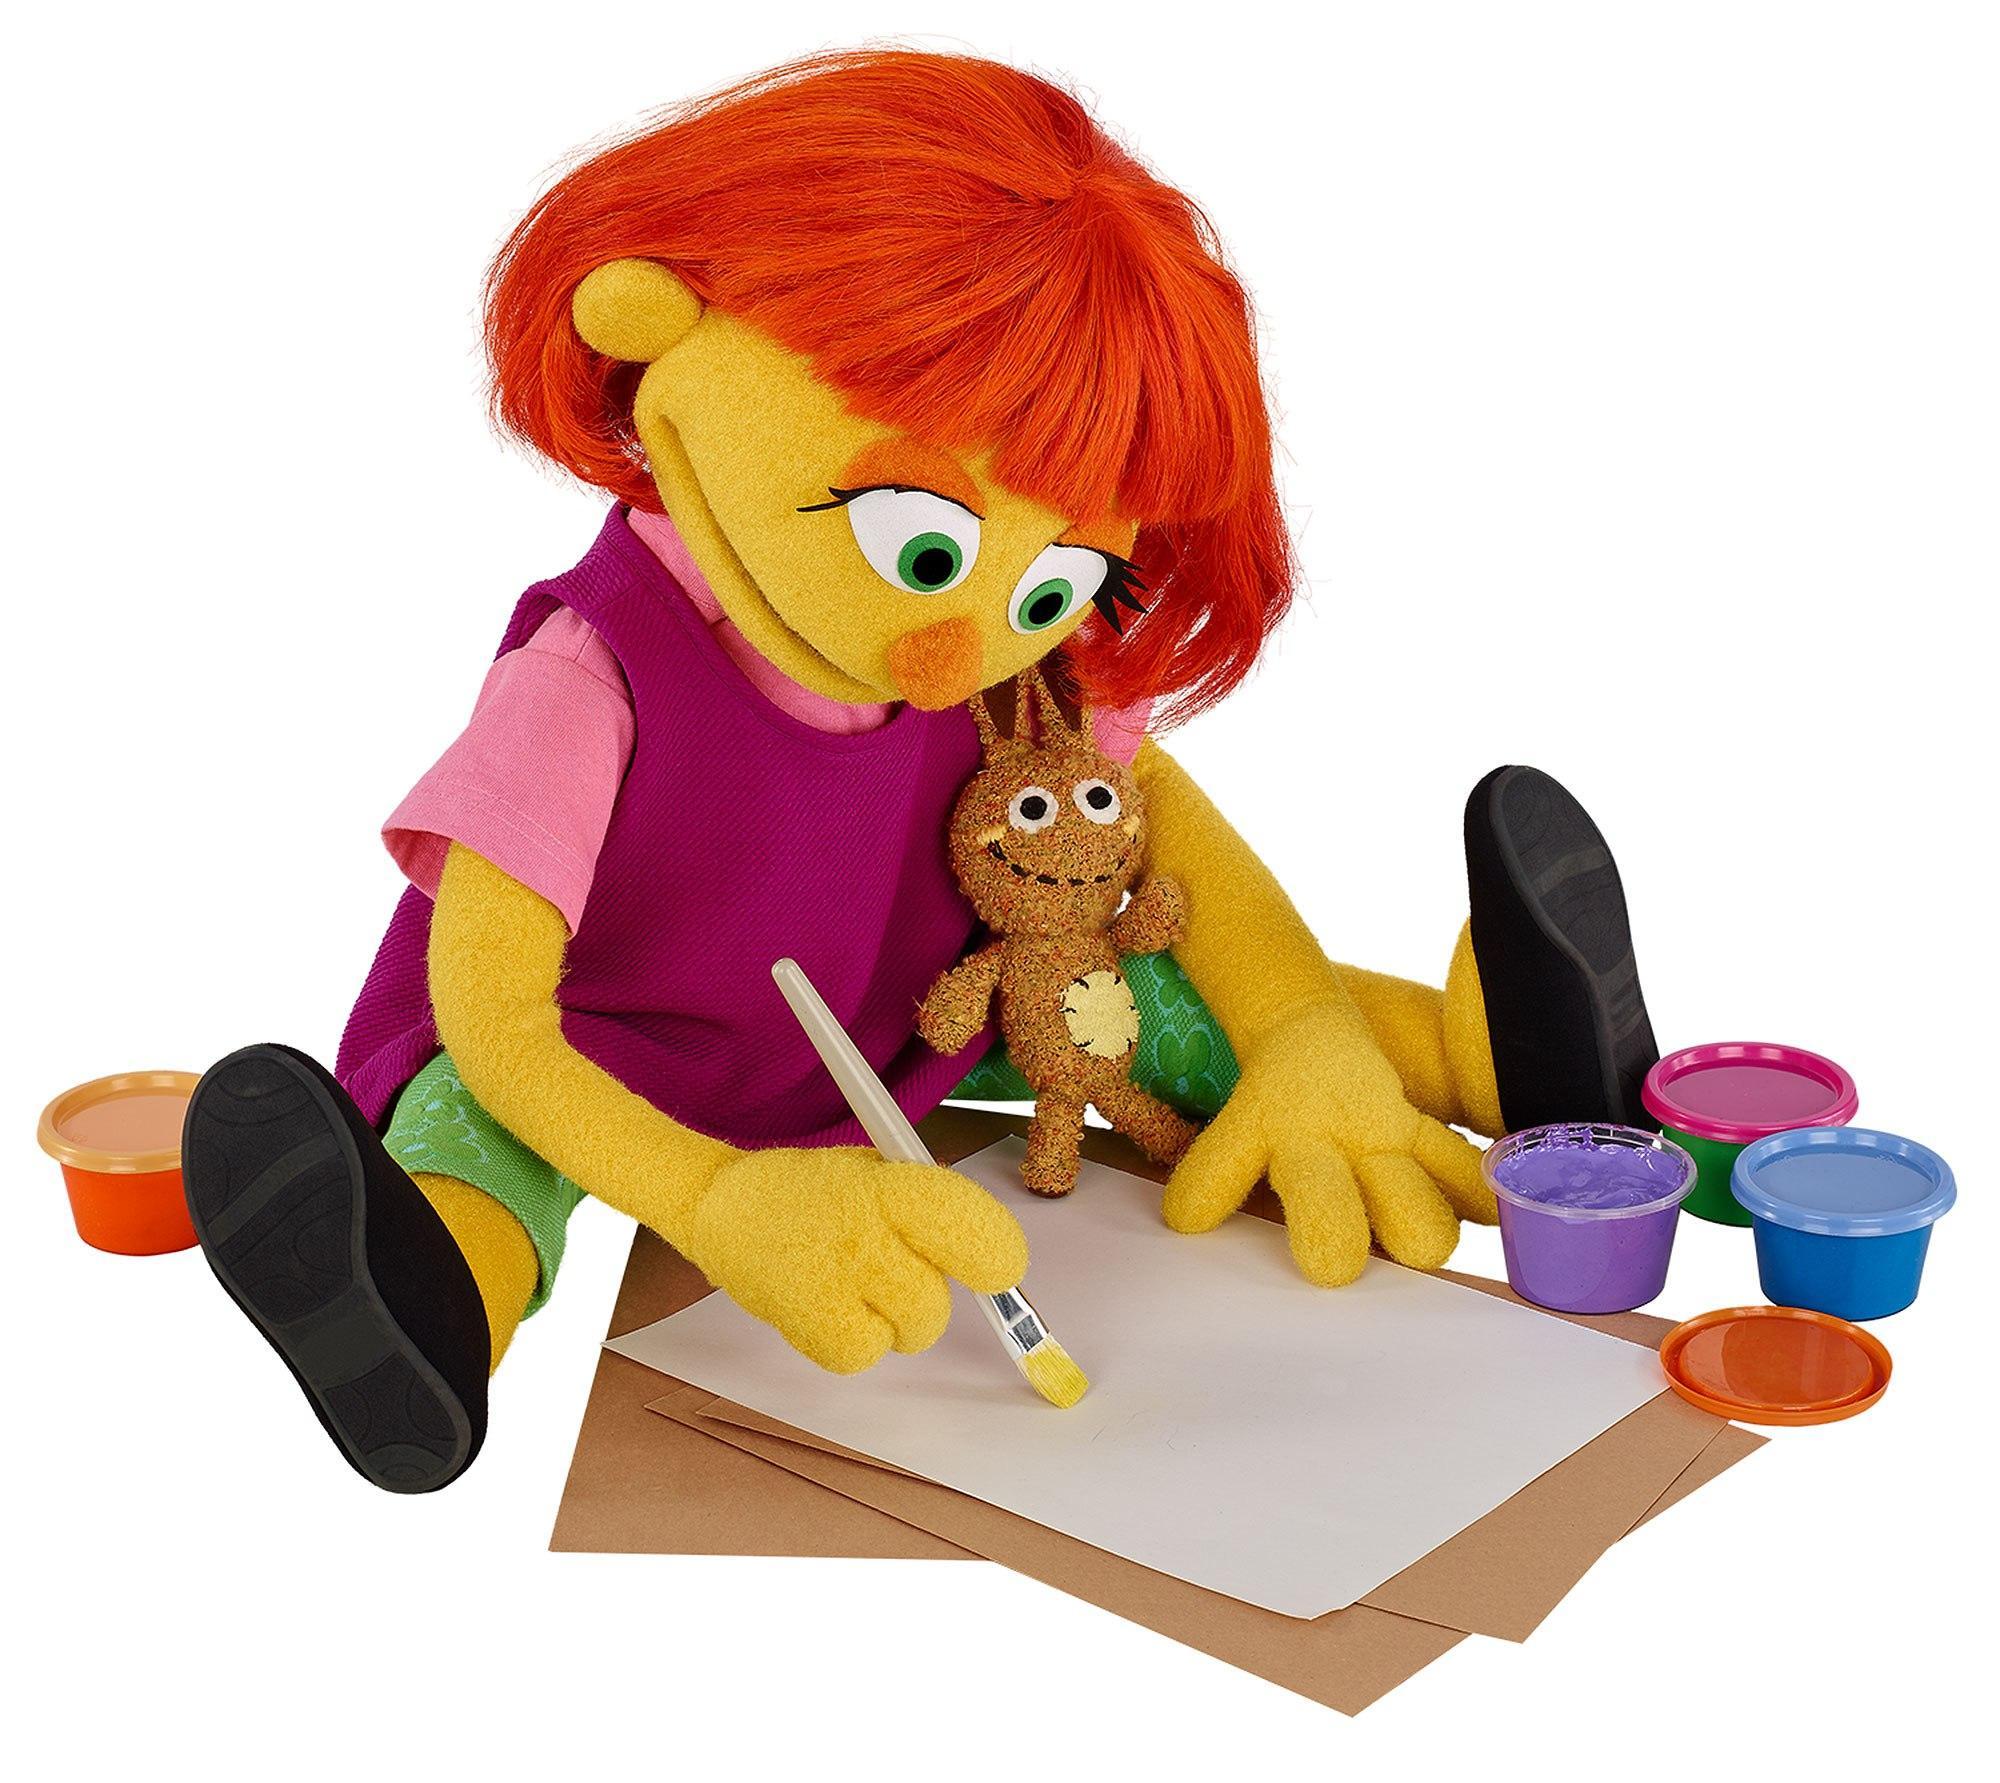 Julia muppet Credit: Sesame Workshop